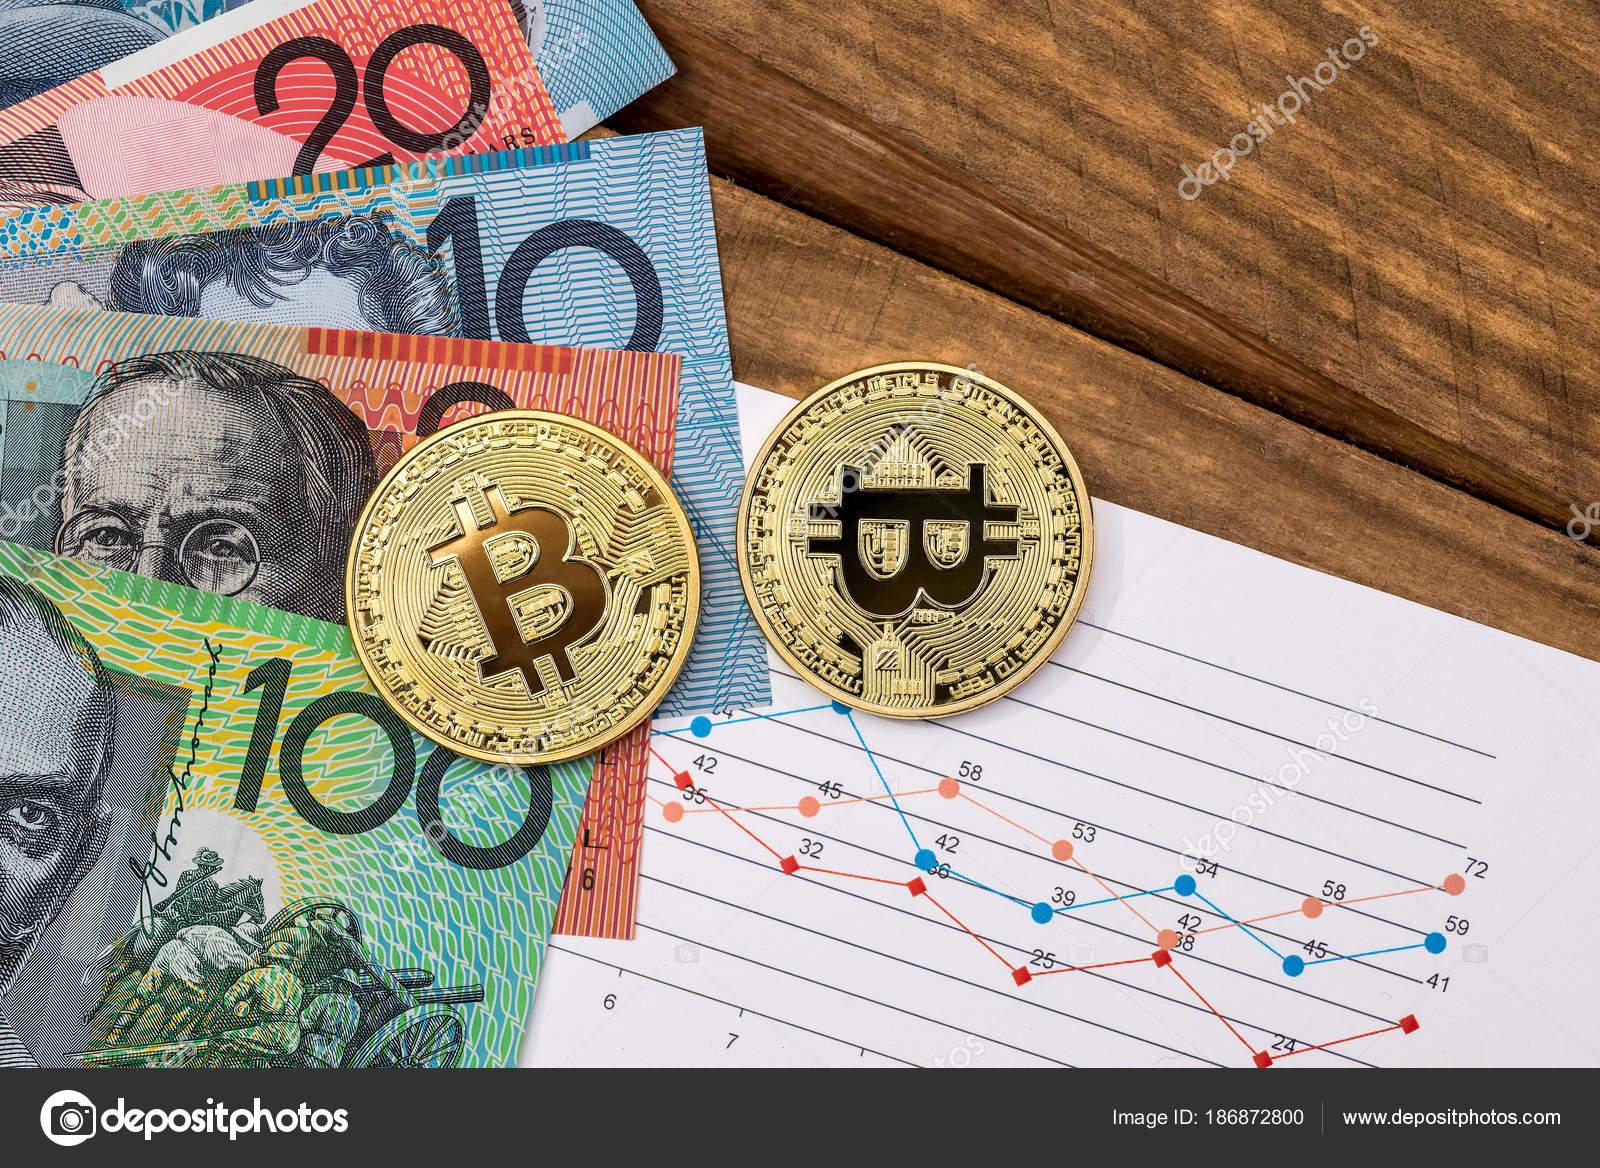 where can i purchase bitcoin